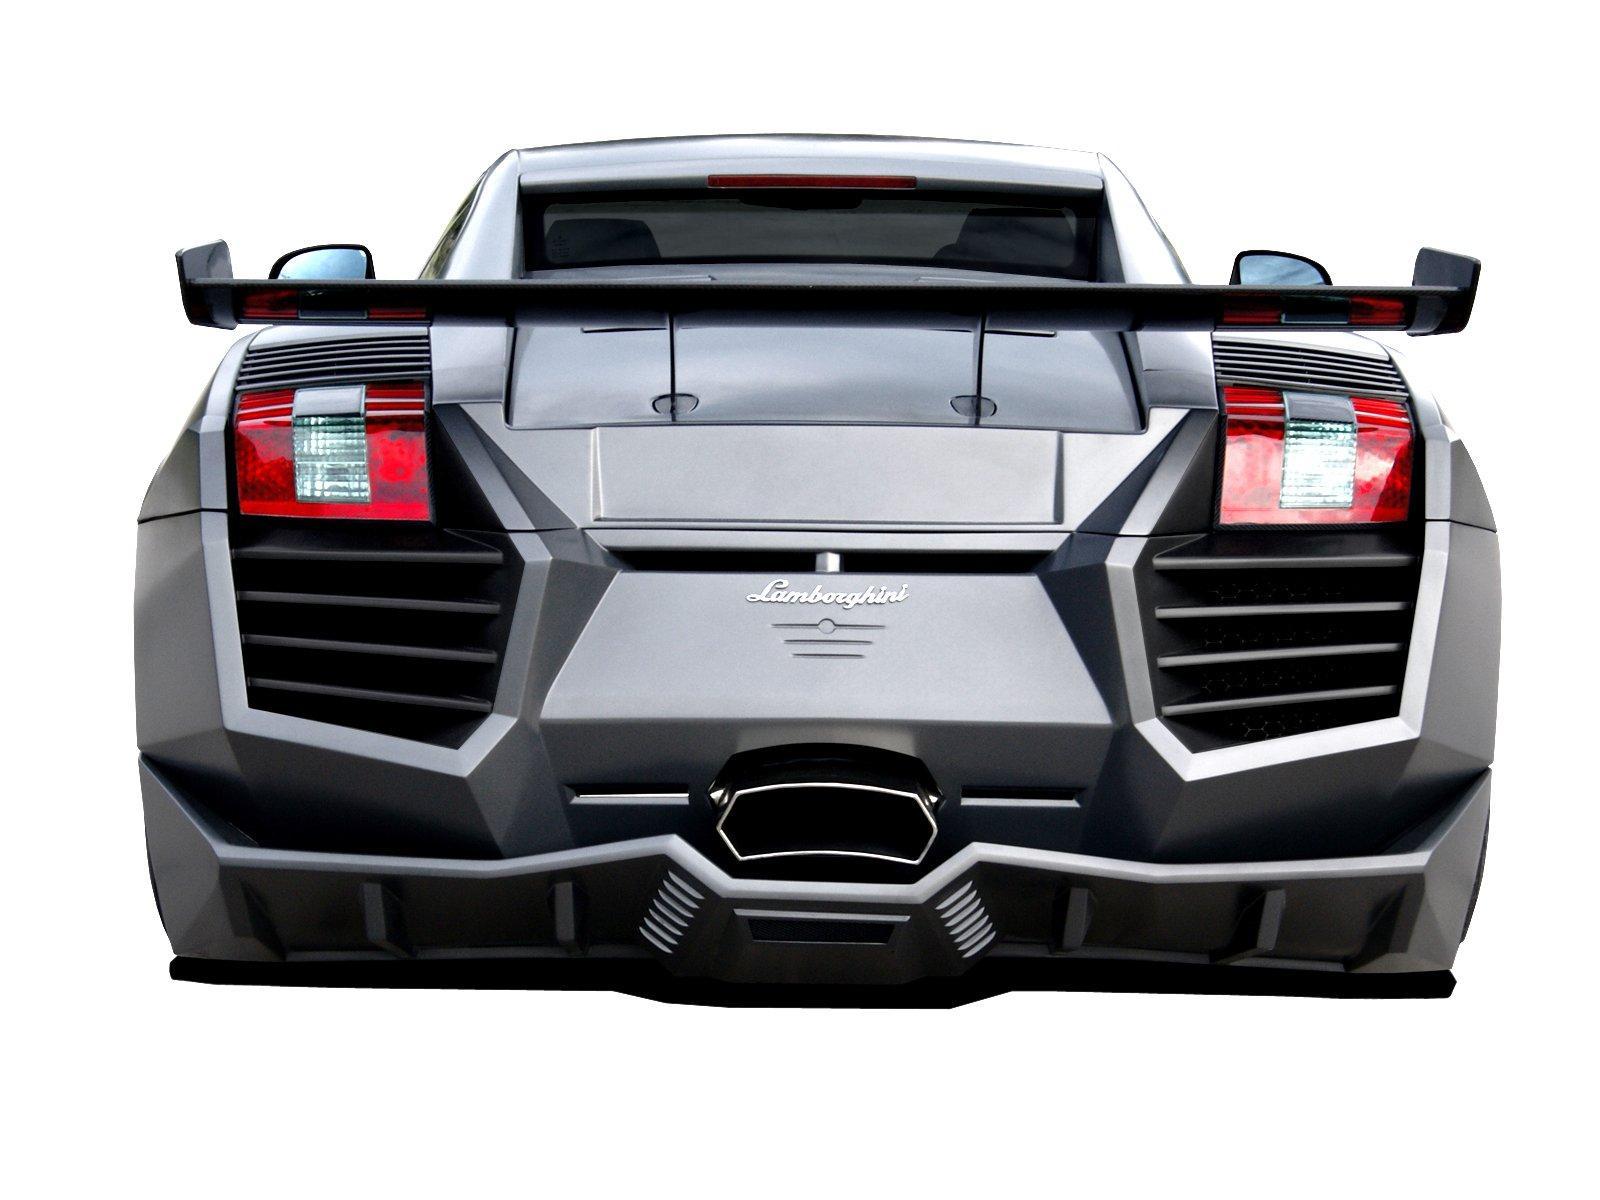 Lamborghini Gallardo od Cosa Design 3